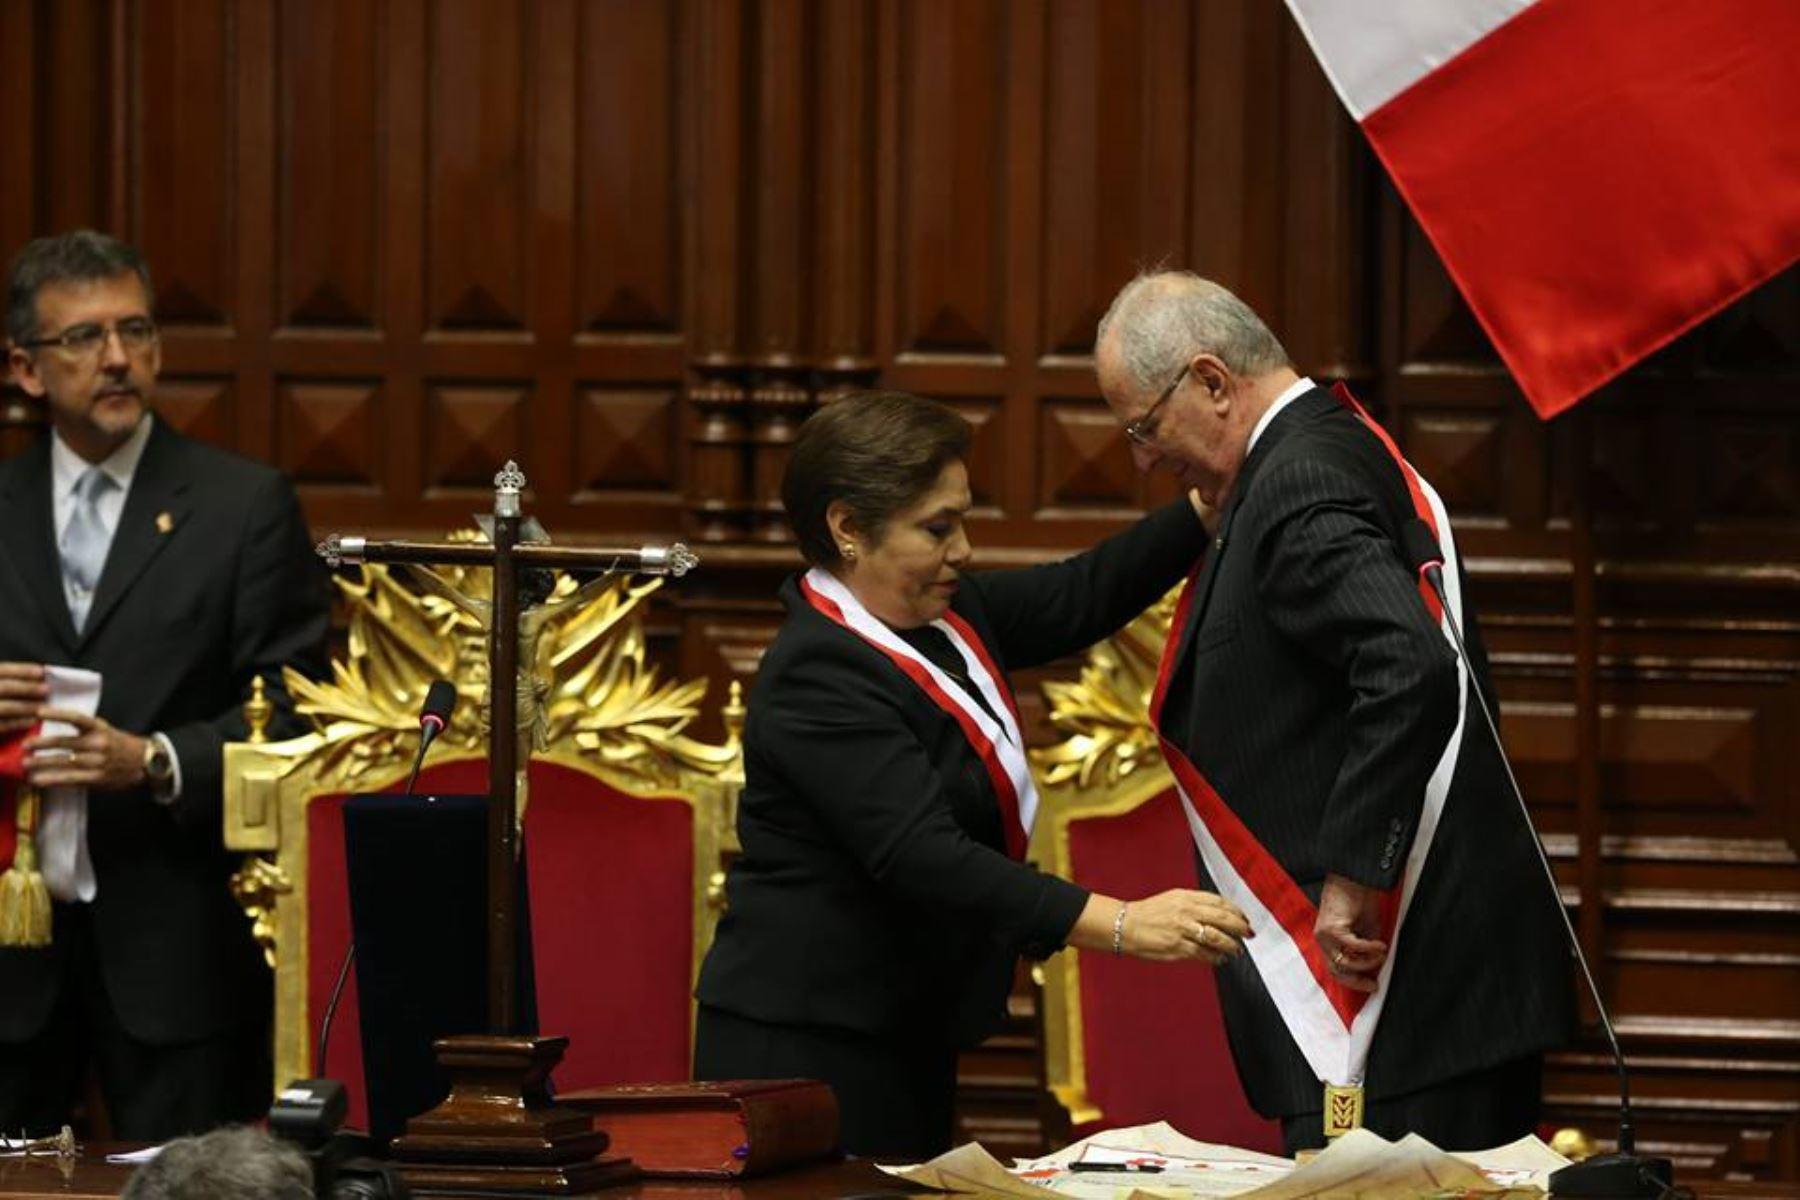 Kuczynski recibió banda presidencial y asumió cargo de Presidente de la República